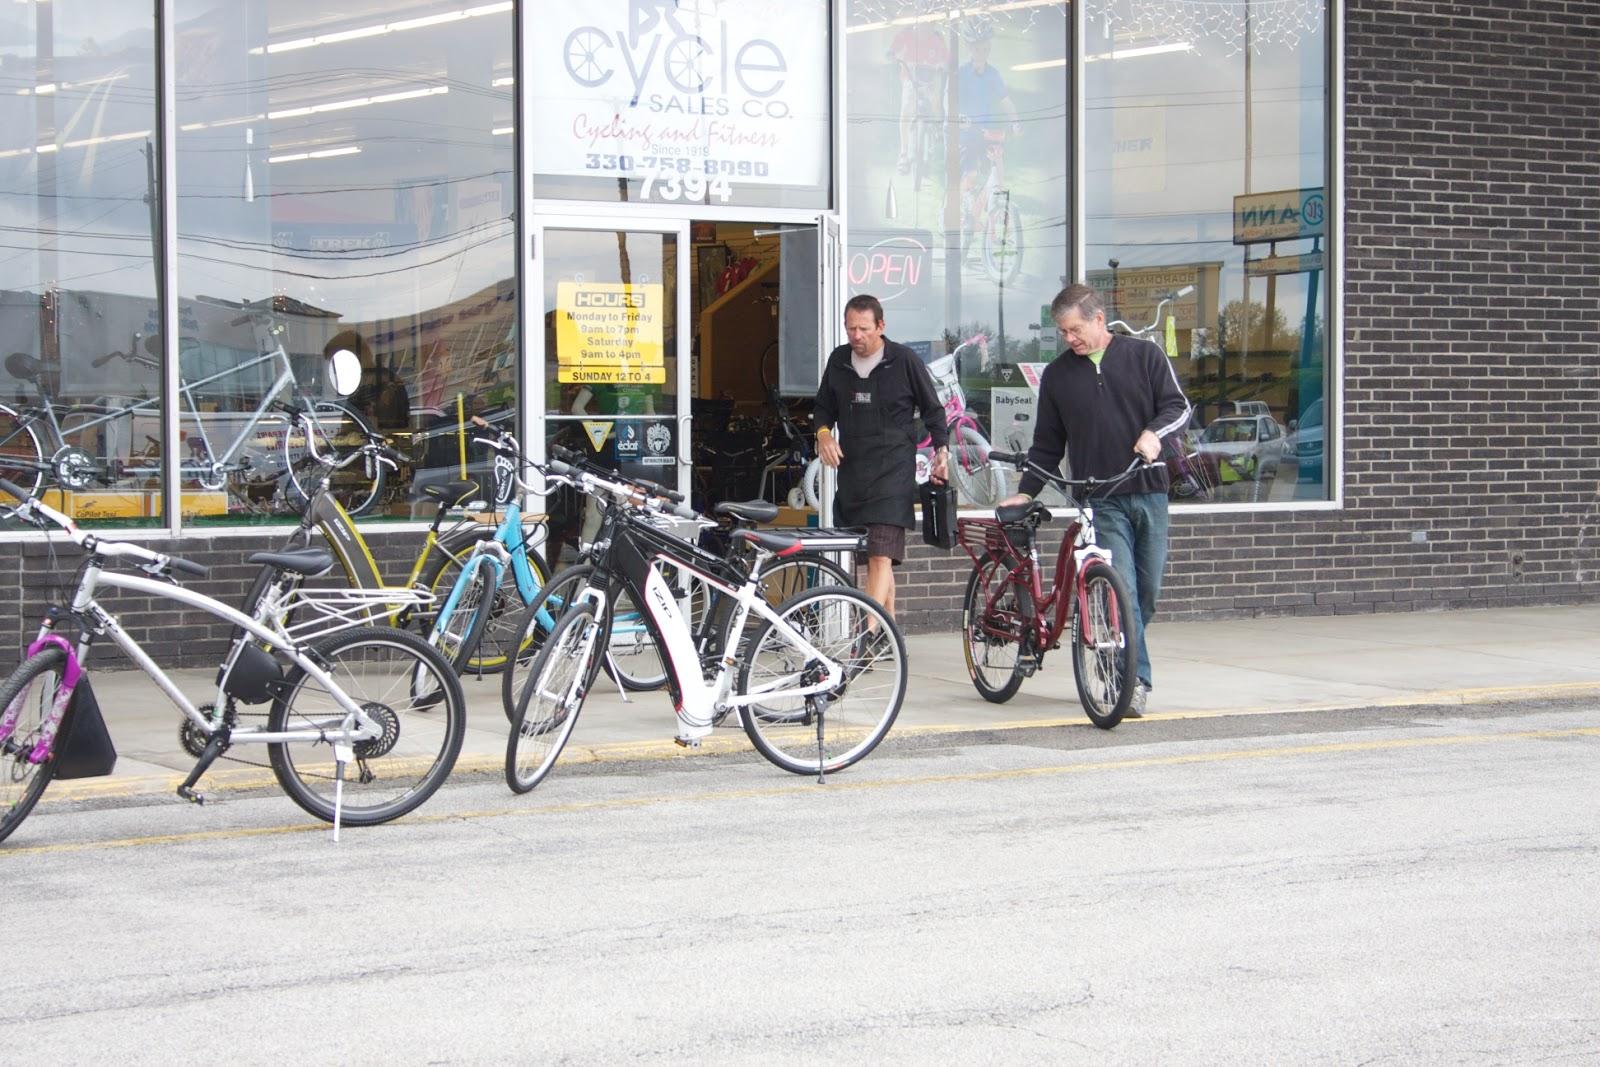 Izip Road Trip Cycle Sales Boardman Oh